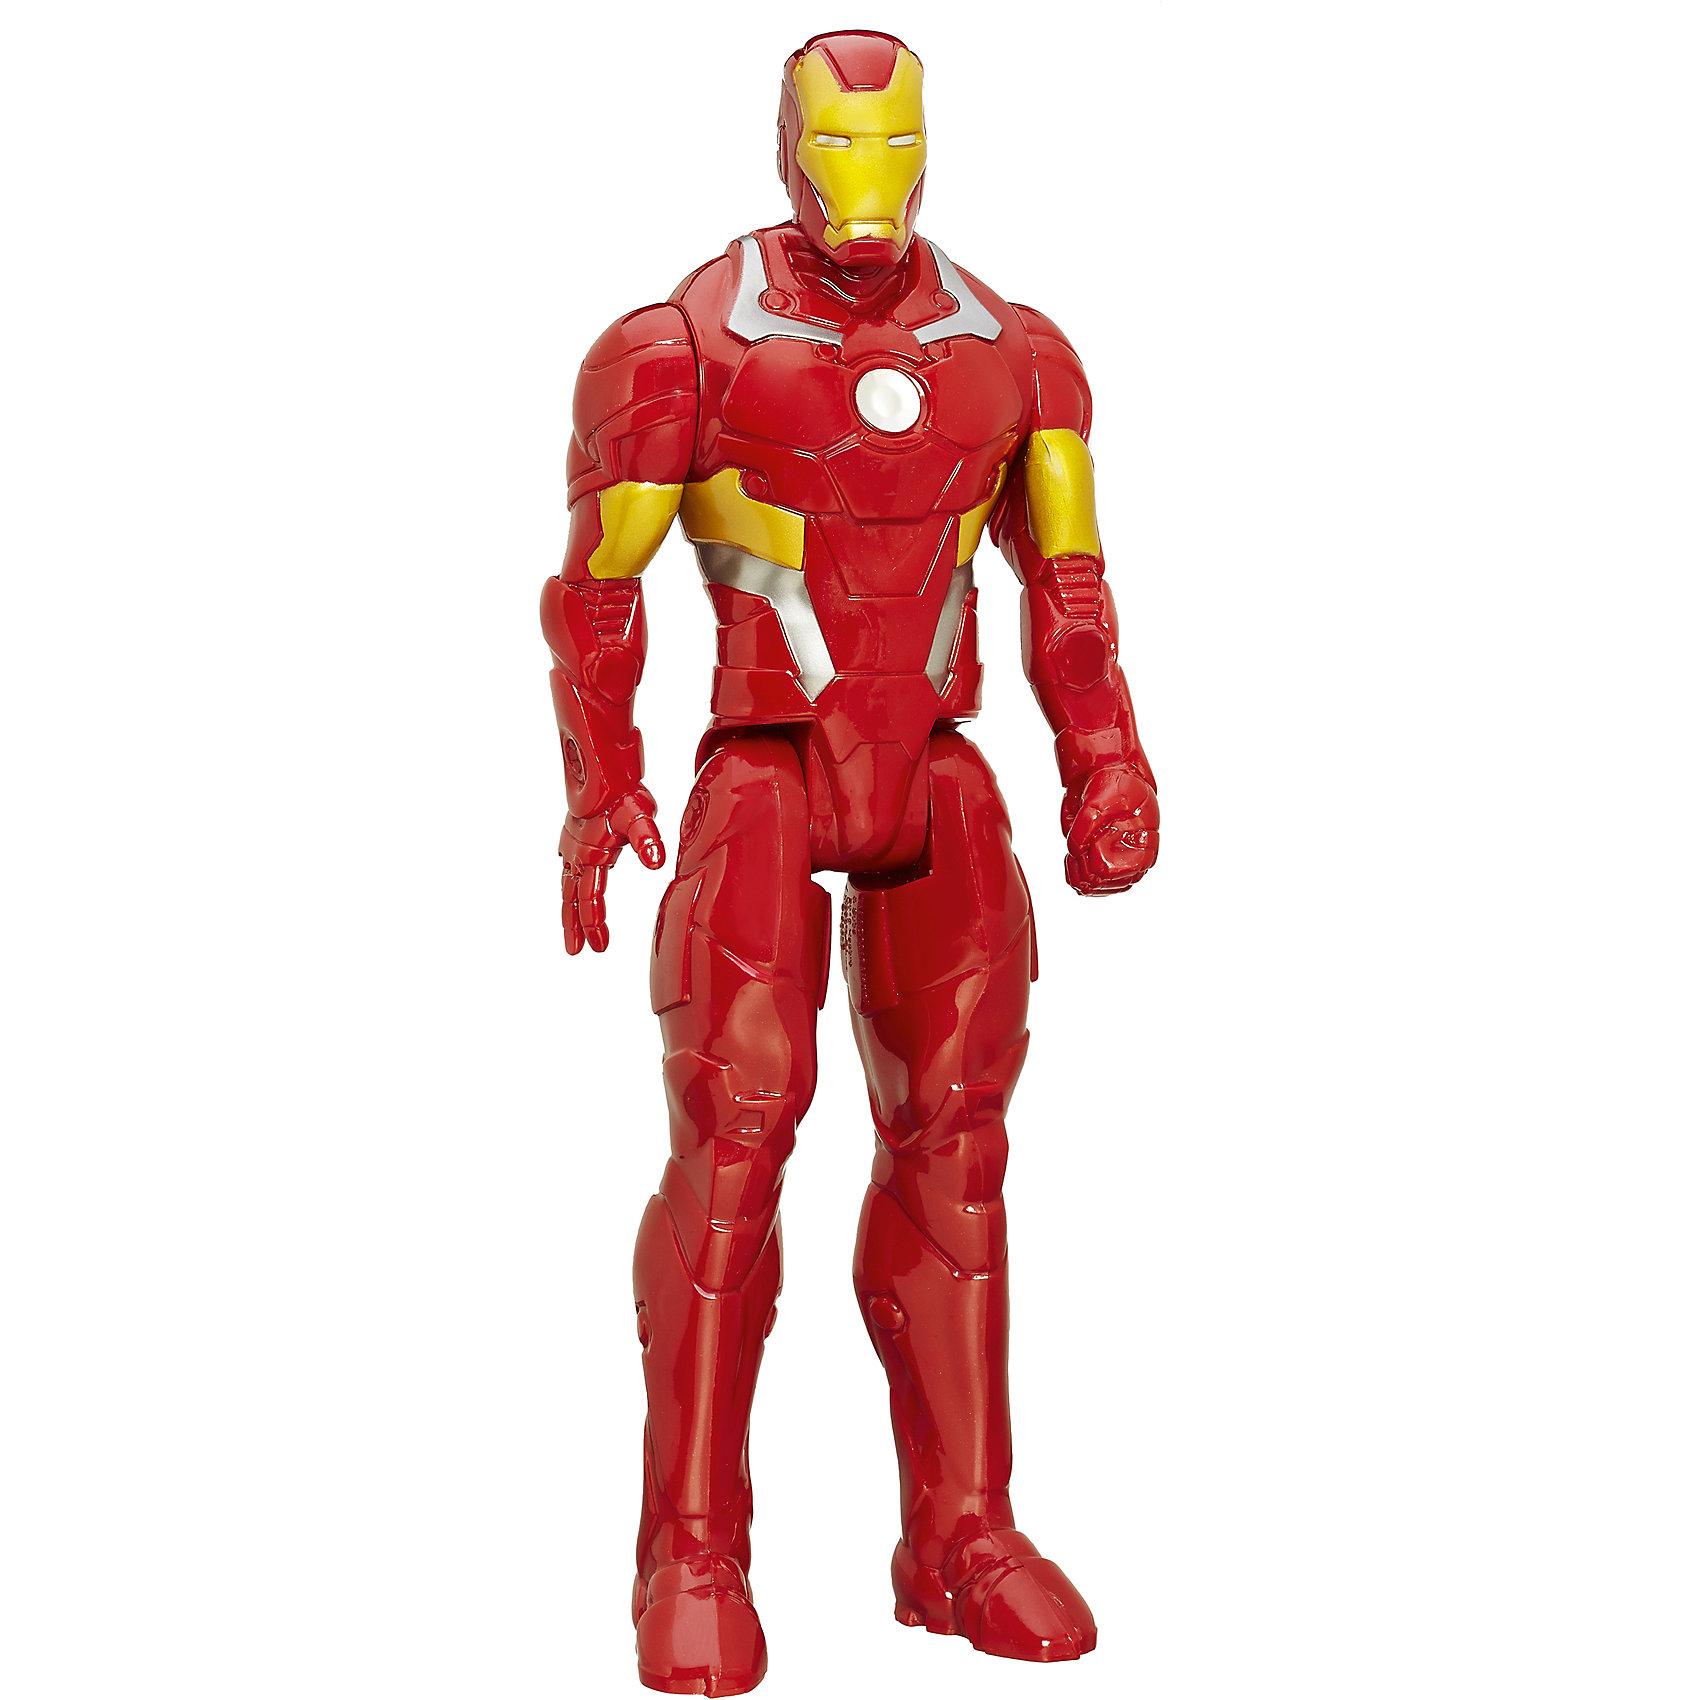 Фигурка Титаны, Мстители, B6660/B6552Фигурка Титаны, Мстители, B6660/B6552.<br><br>Характеристики:<br><br>- Высота фигурки: 30 см.<br>- Голова, руки, ноги подвижные<br>- Материал: пластик<br><br>Фигурка в виде Железного Человека станет приятным сюрпризом для вашего ребенка, особенно если он является поклонником популярных комиксов и фильмов о супергероях Мстители (Avengers). Фигурка имеет множество точек артикуляции, что позволяет ей приобретать самые реалистичные позы. Она выполнена из высококачественного пластика, прекрасно детализирована и реалистично раскрашена. Собери все фигурки титанов и погрузись в увлекательную игру вместе с любимыми героями!<br><br>Фигурку Титаны, Мстители, B6660/B6552 можно купить в нашем интернет-магазине.<br><br>Ширина мм: 306<br>Глубина мм: 104<br>Высота мм: 55<br>Вес г: 258<br>Возраст от месяцев: 48<br>Возраст до месяцев: 96<br>Пол: Мужской<br>Возраст: Детский<br>SKU: 4803333